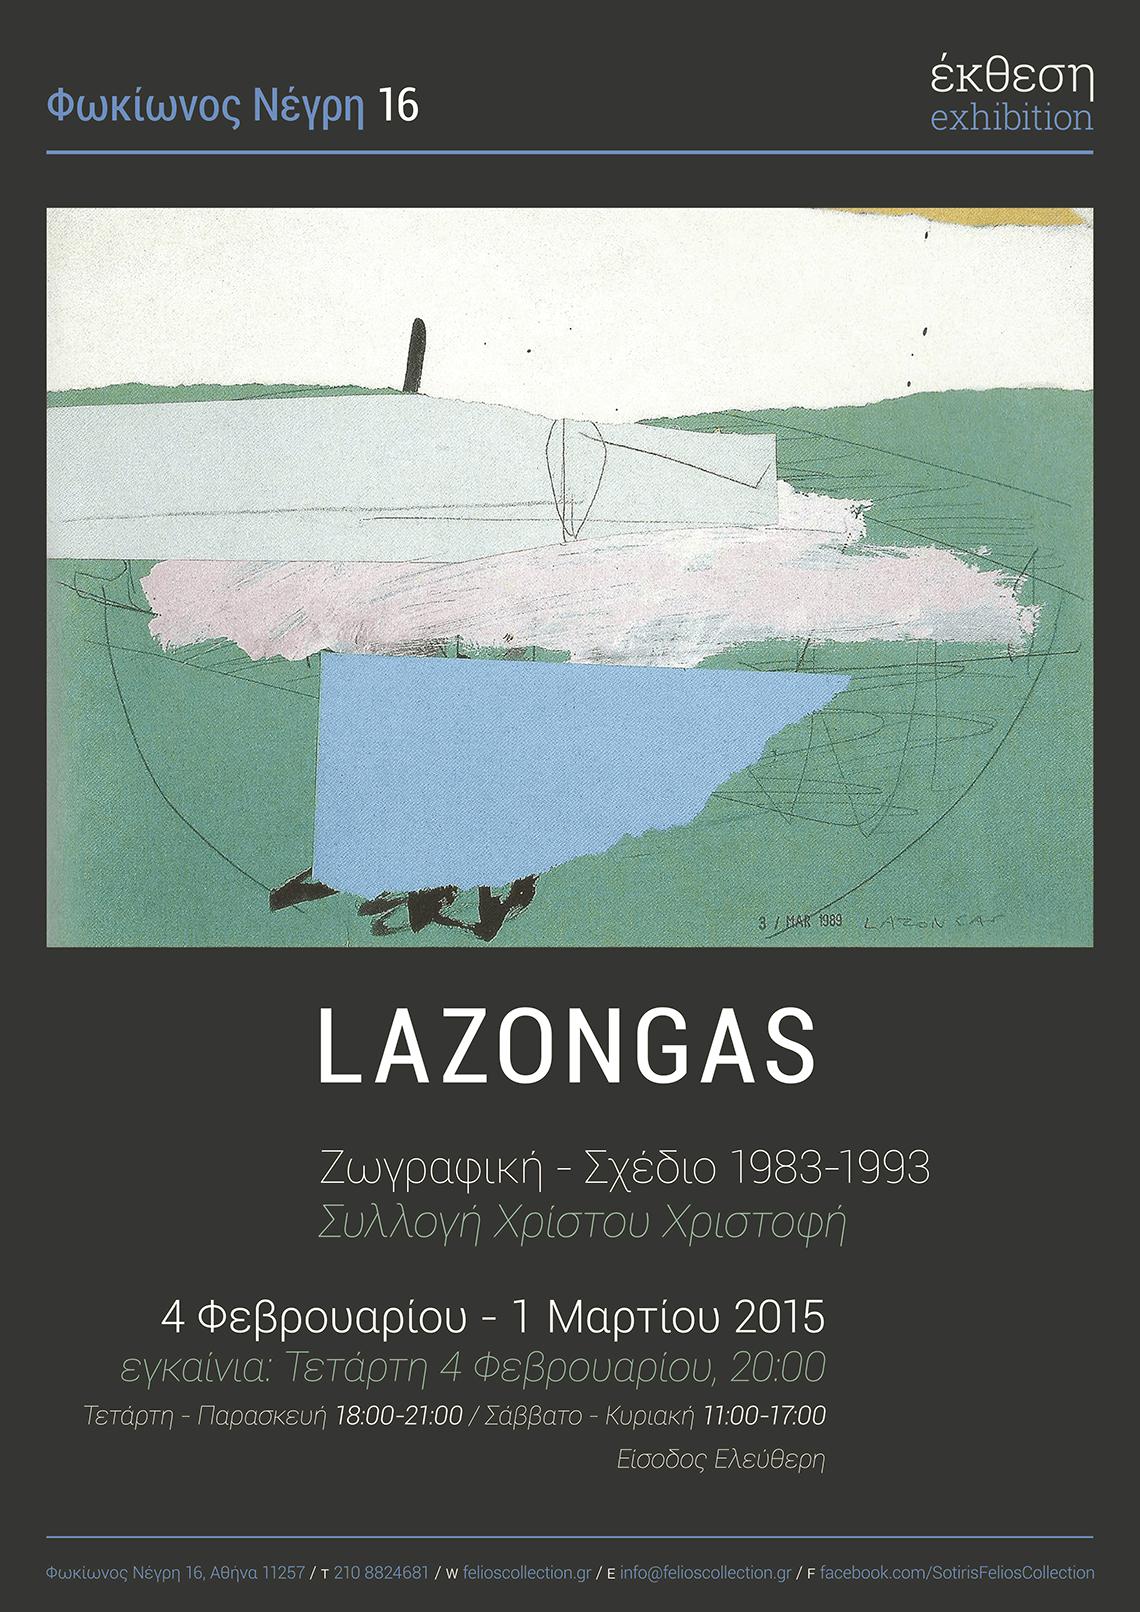 LAZONGAS: Ζωγραφική-Σχέδιο 1983-1993,